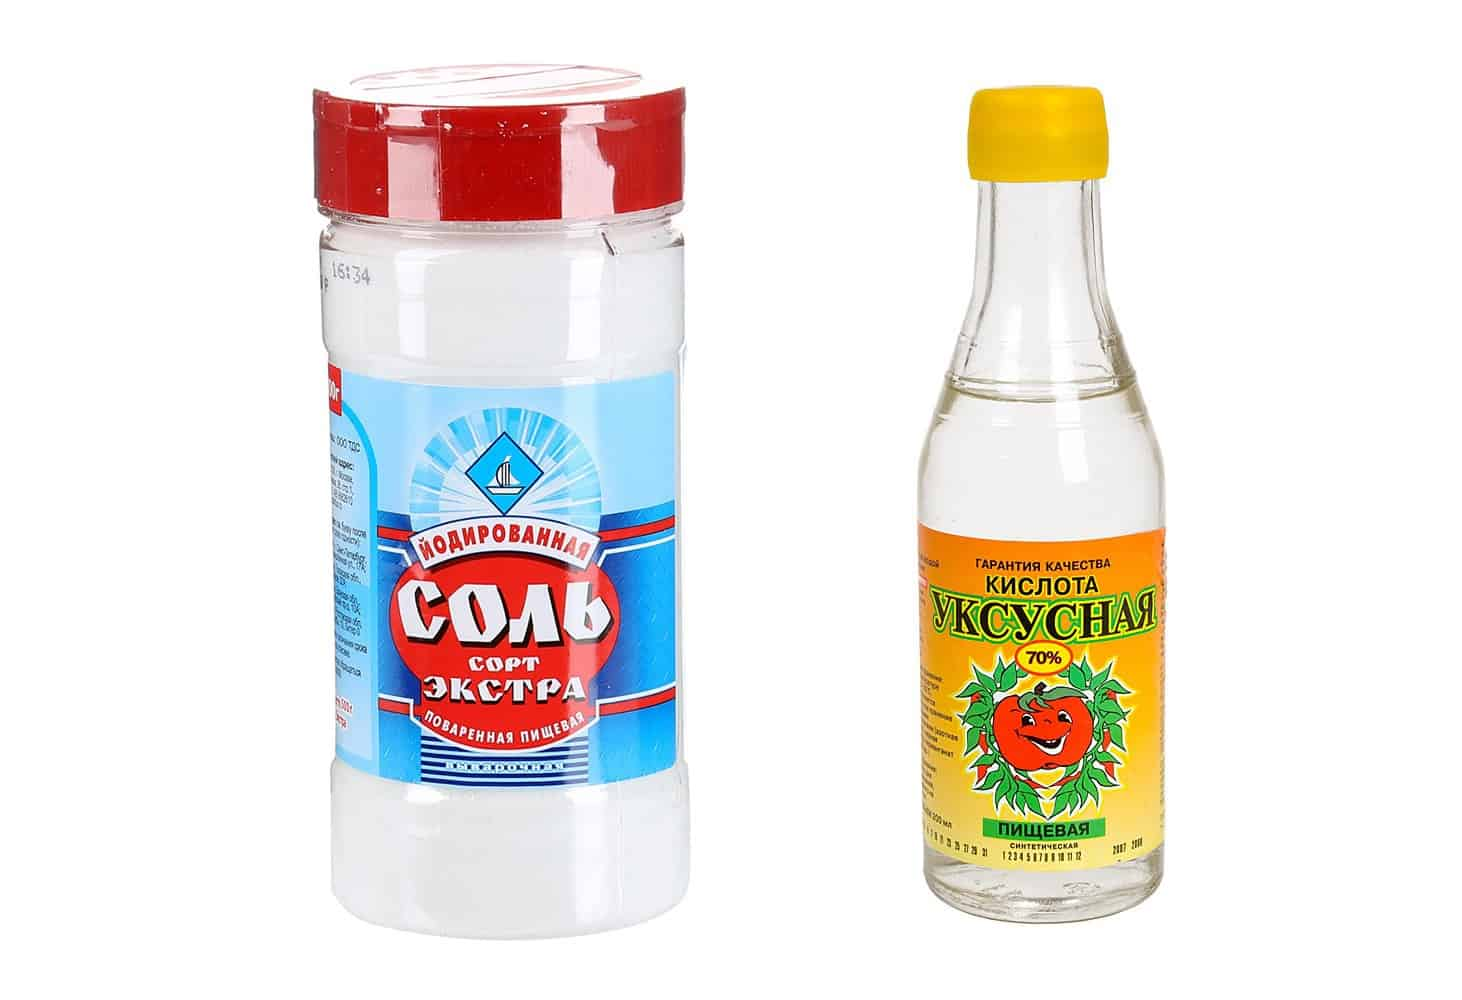 Чистка уксусной кислотой и солью